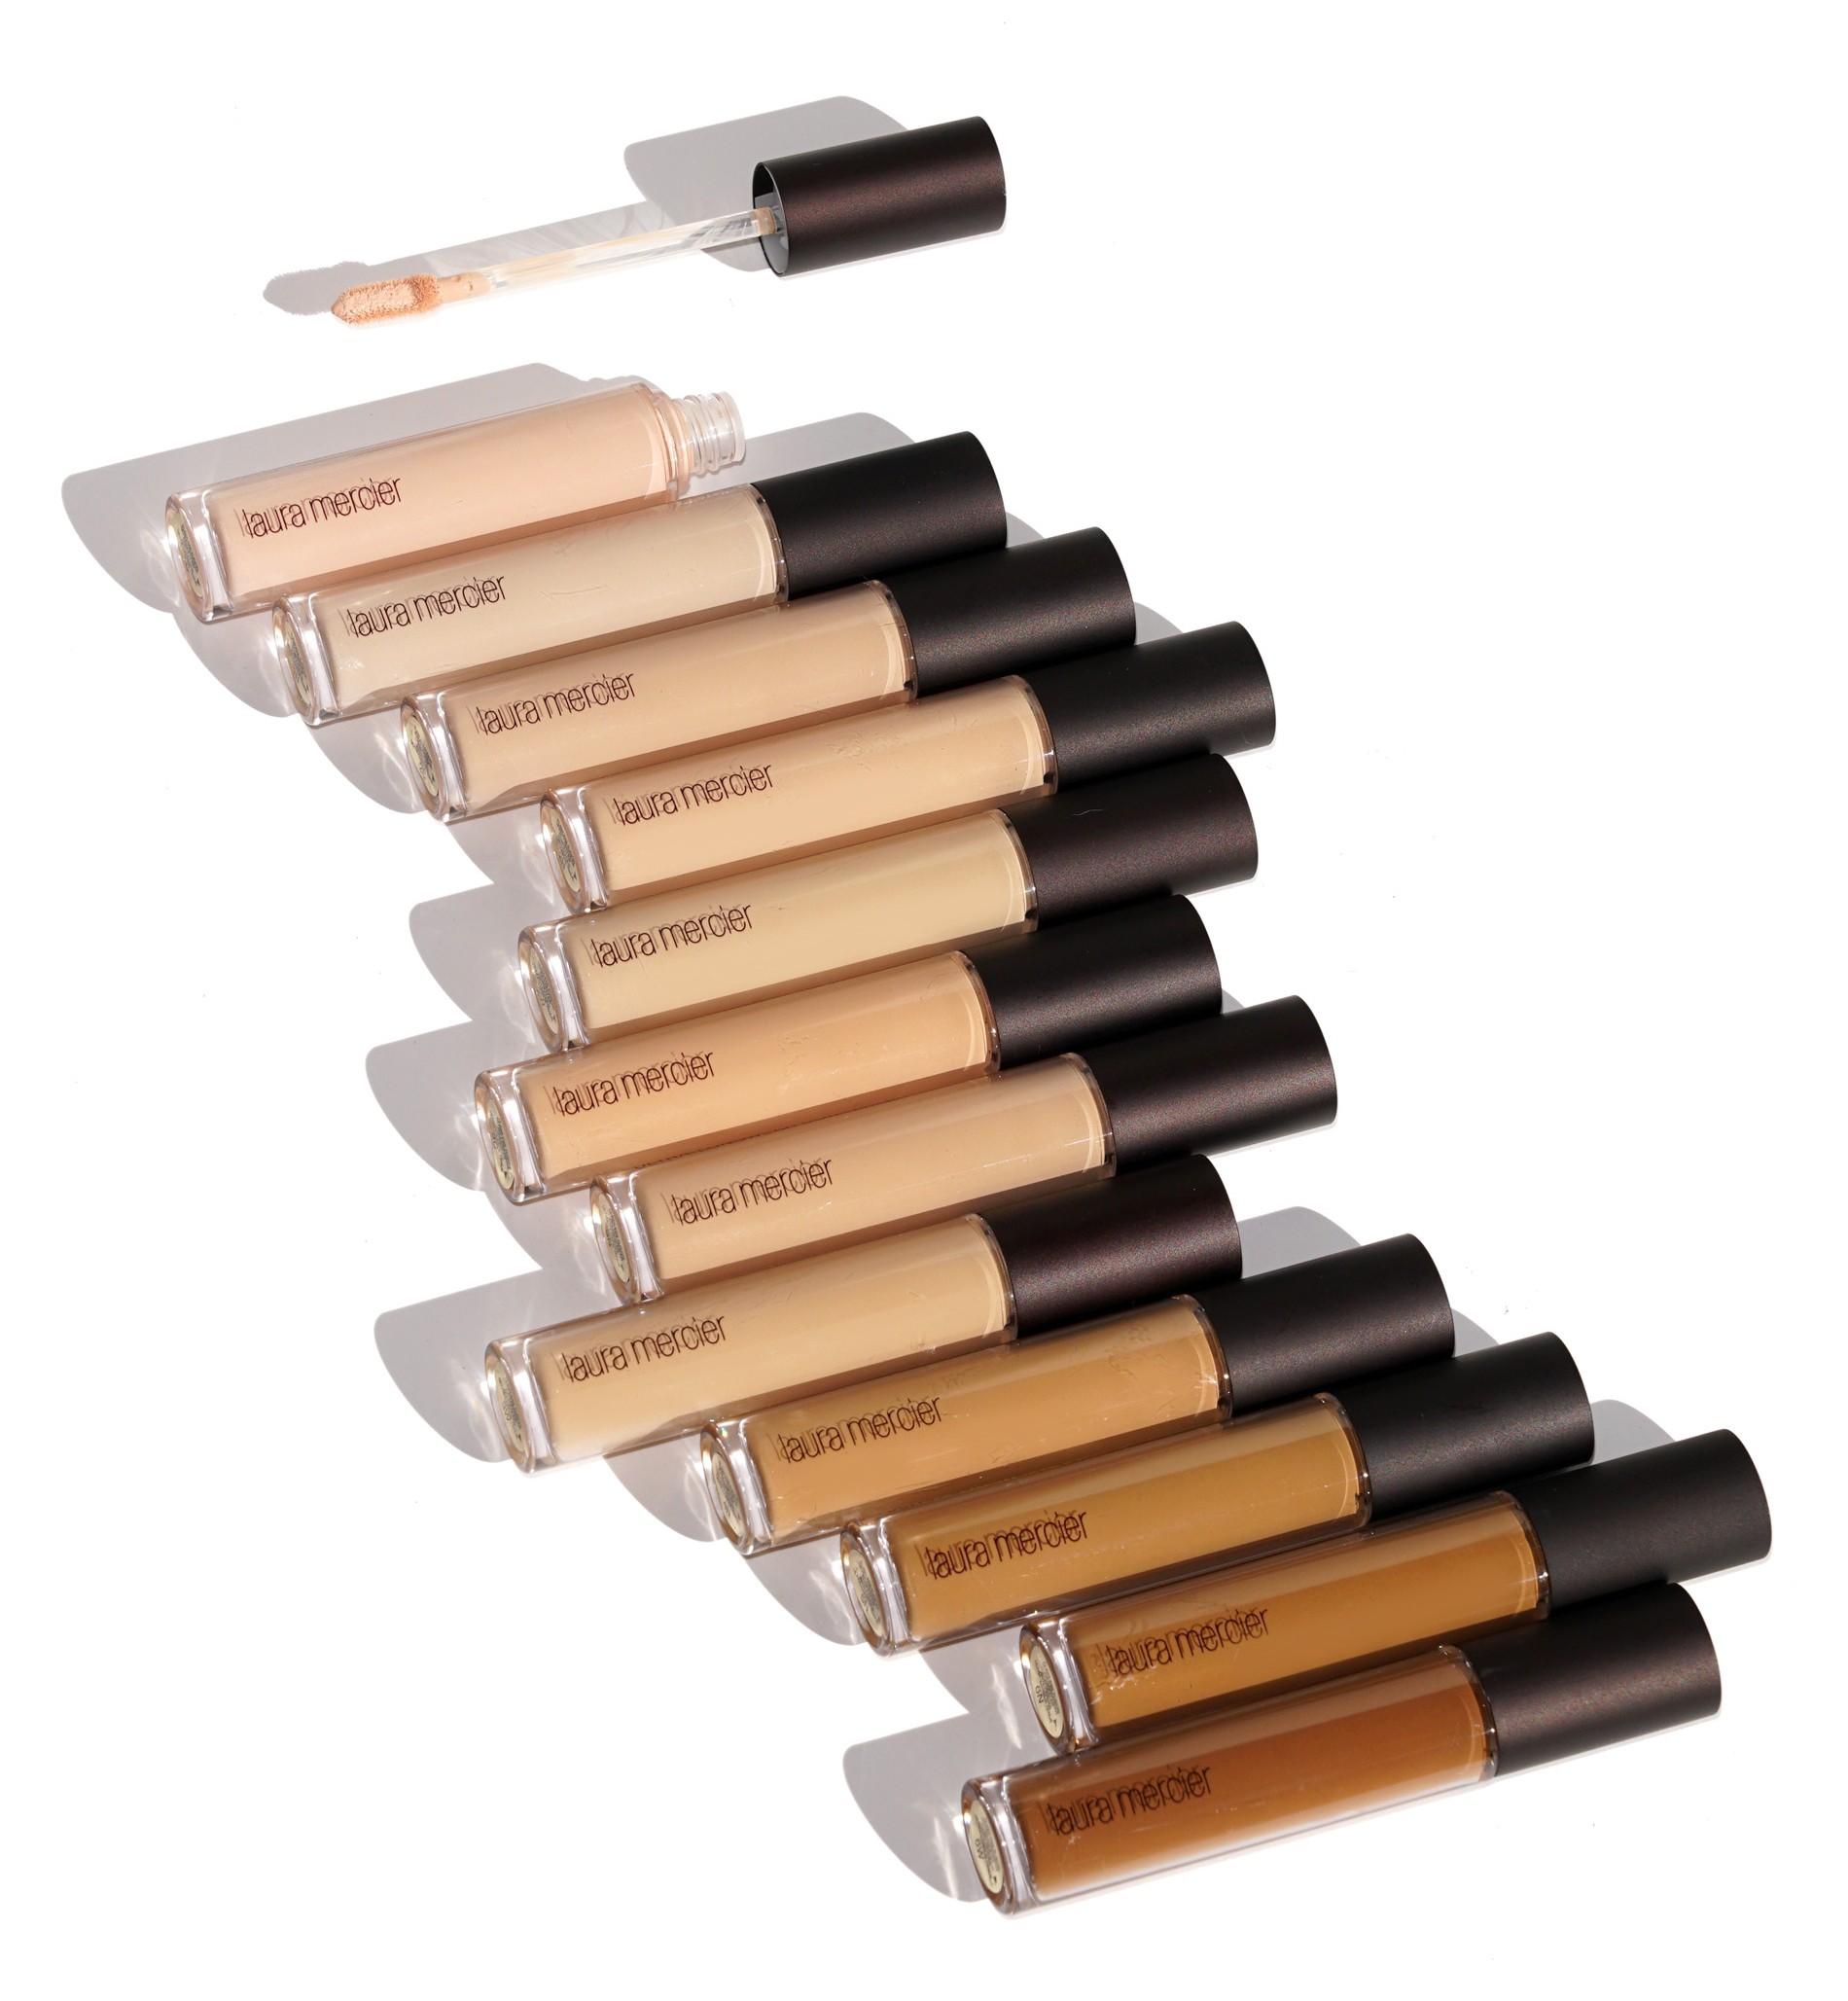 Cho những nàng nghiện makeup: list 15 món mỹ phẩm đáng thử nhất năm của Cosmopolitan, món rẻ nhất chỉ 160k - Ảnh 8.